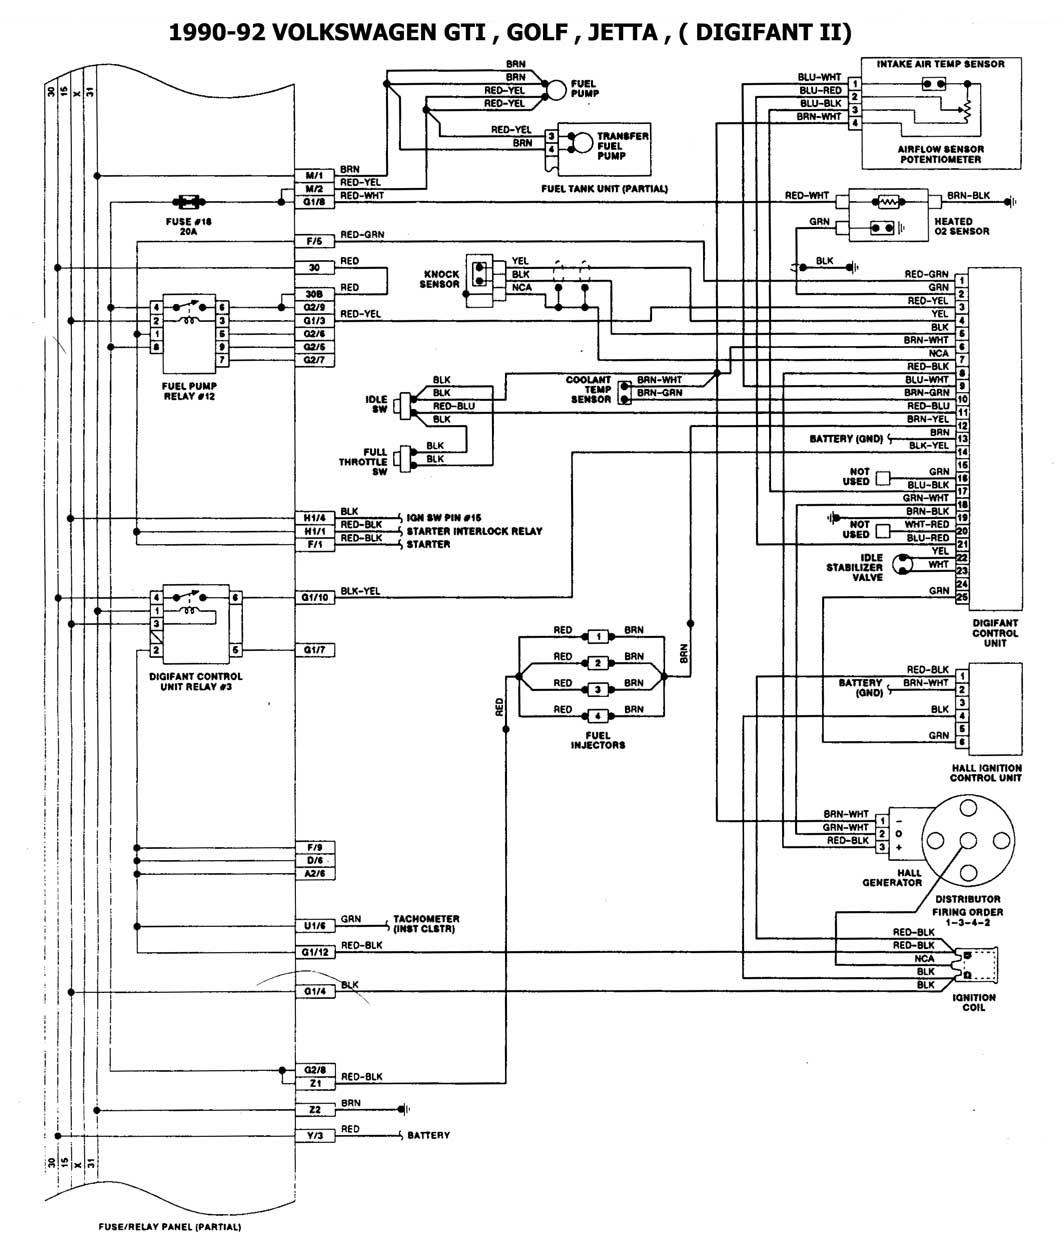 lister diagrama de cableado de las luces